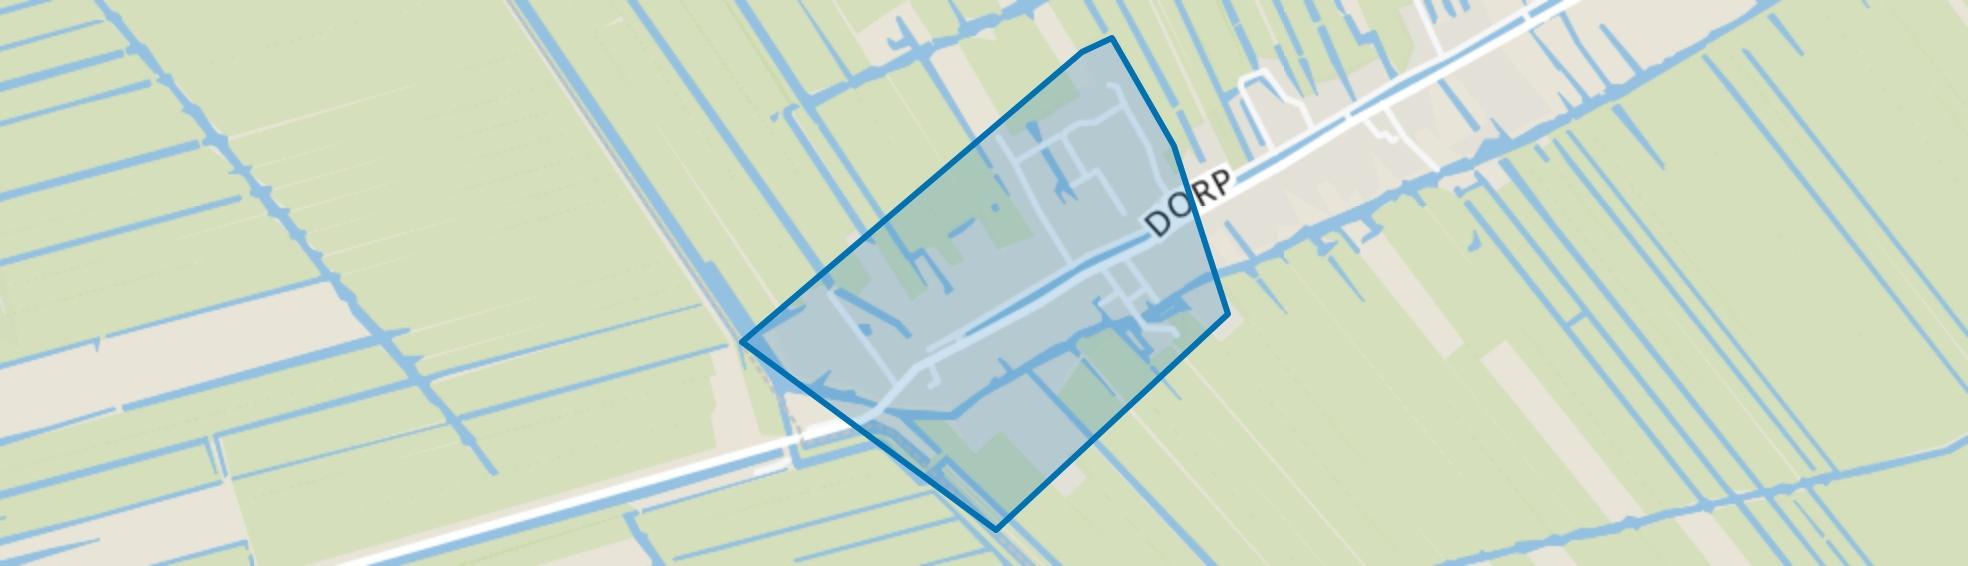 Polsbroek-Dorp, Polsbroek map